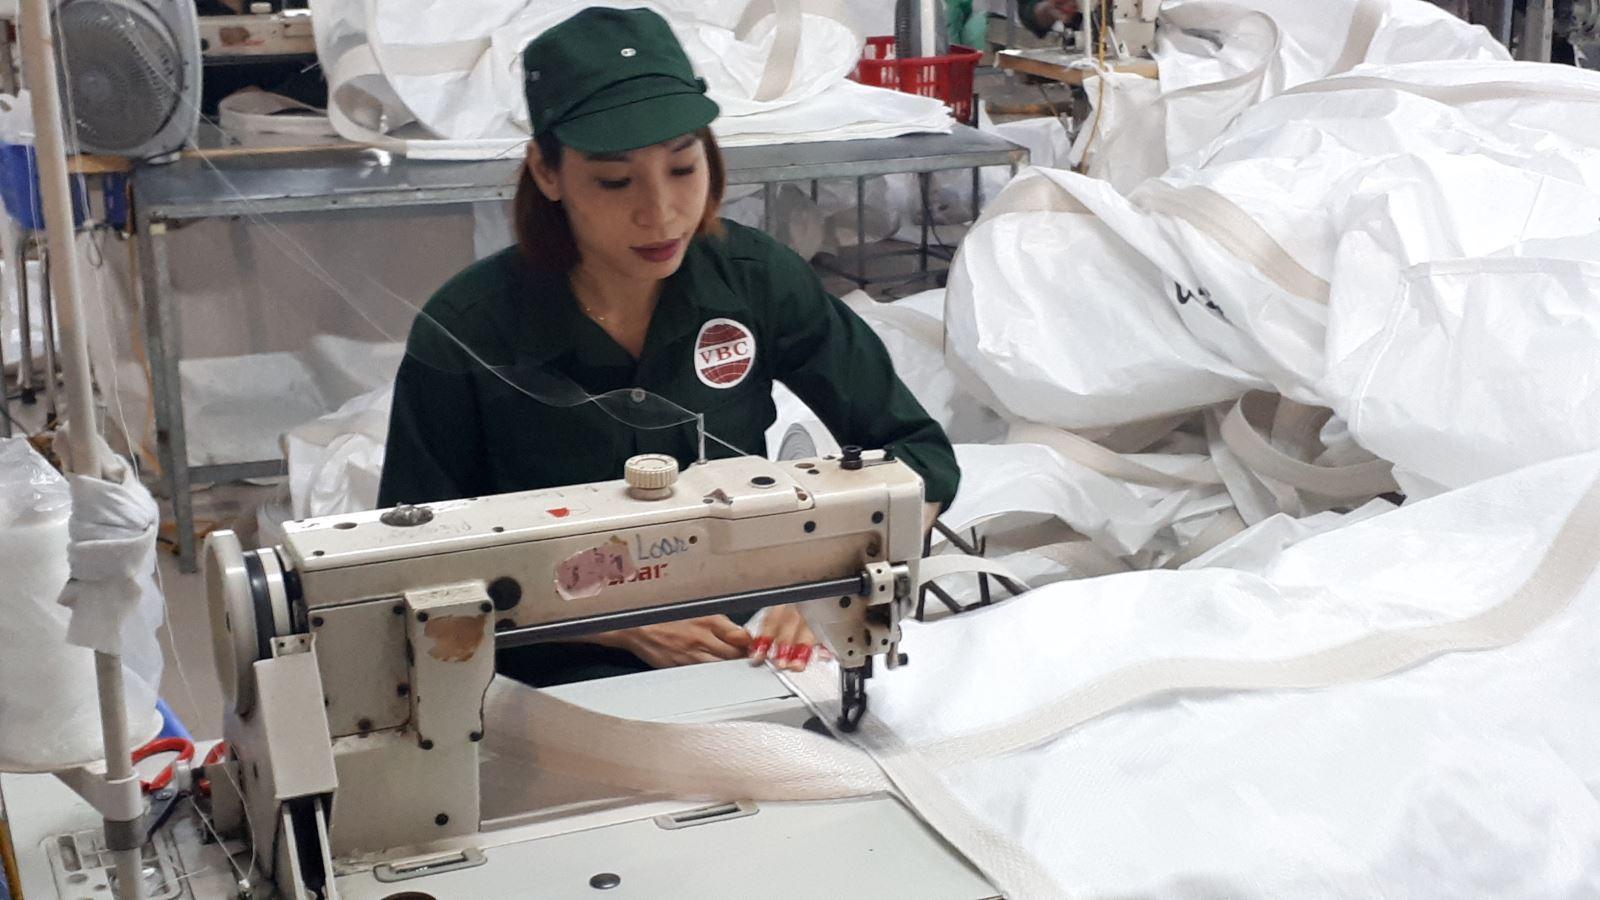 Lao động lĩnh vực may bao bì mong muốn được xem xét nghề nặng nhọc